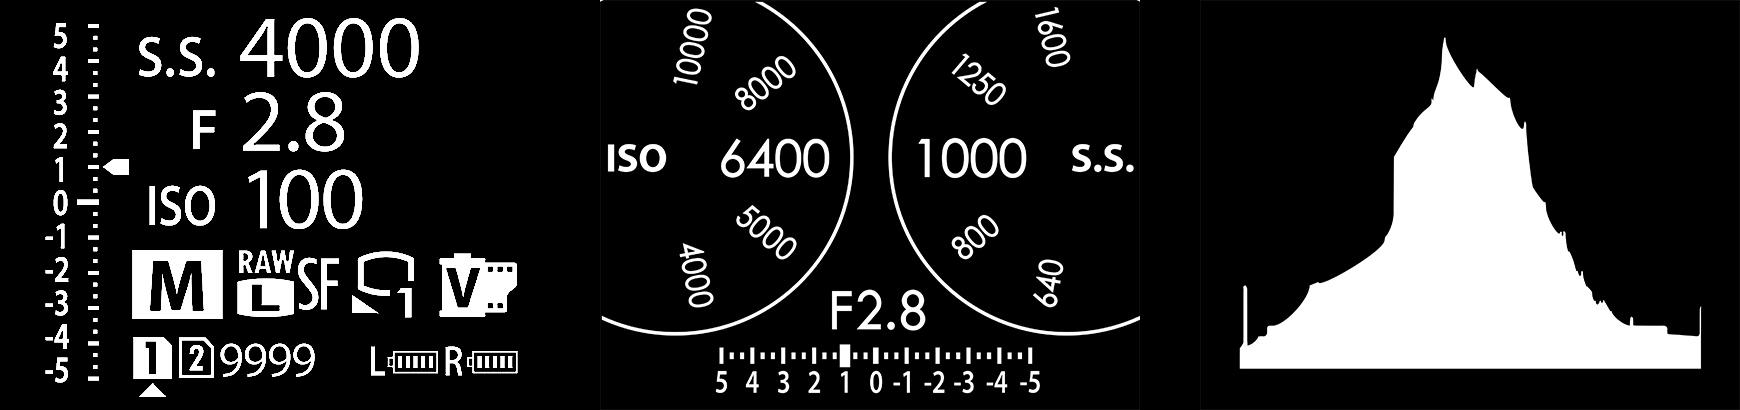 Fujifilm GFX 100 felső státuszkijelző